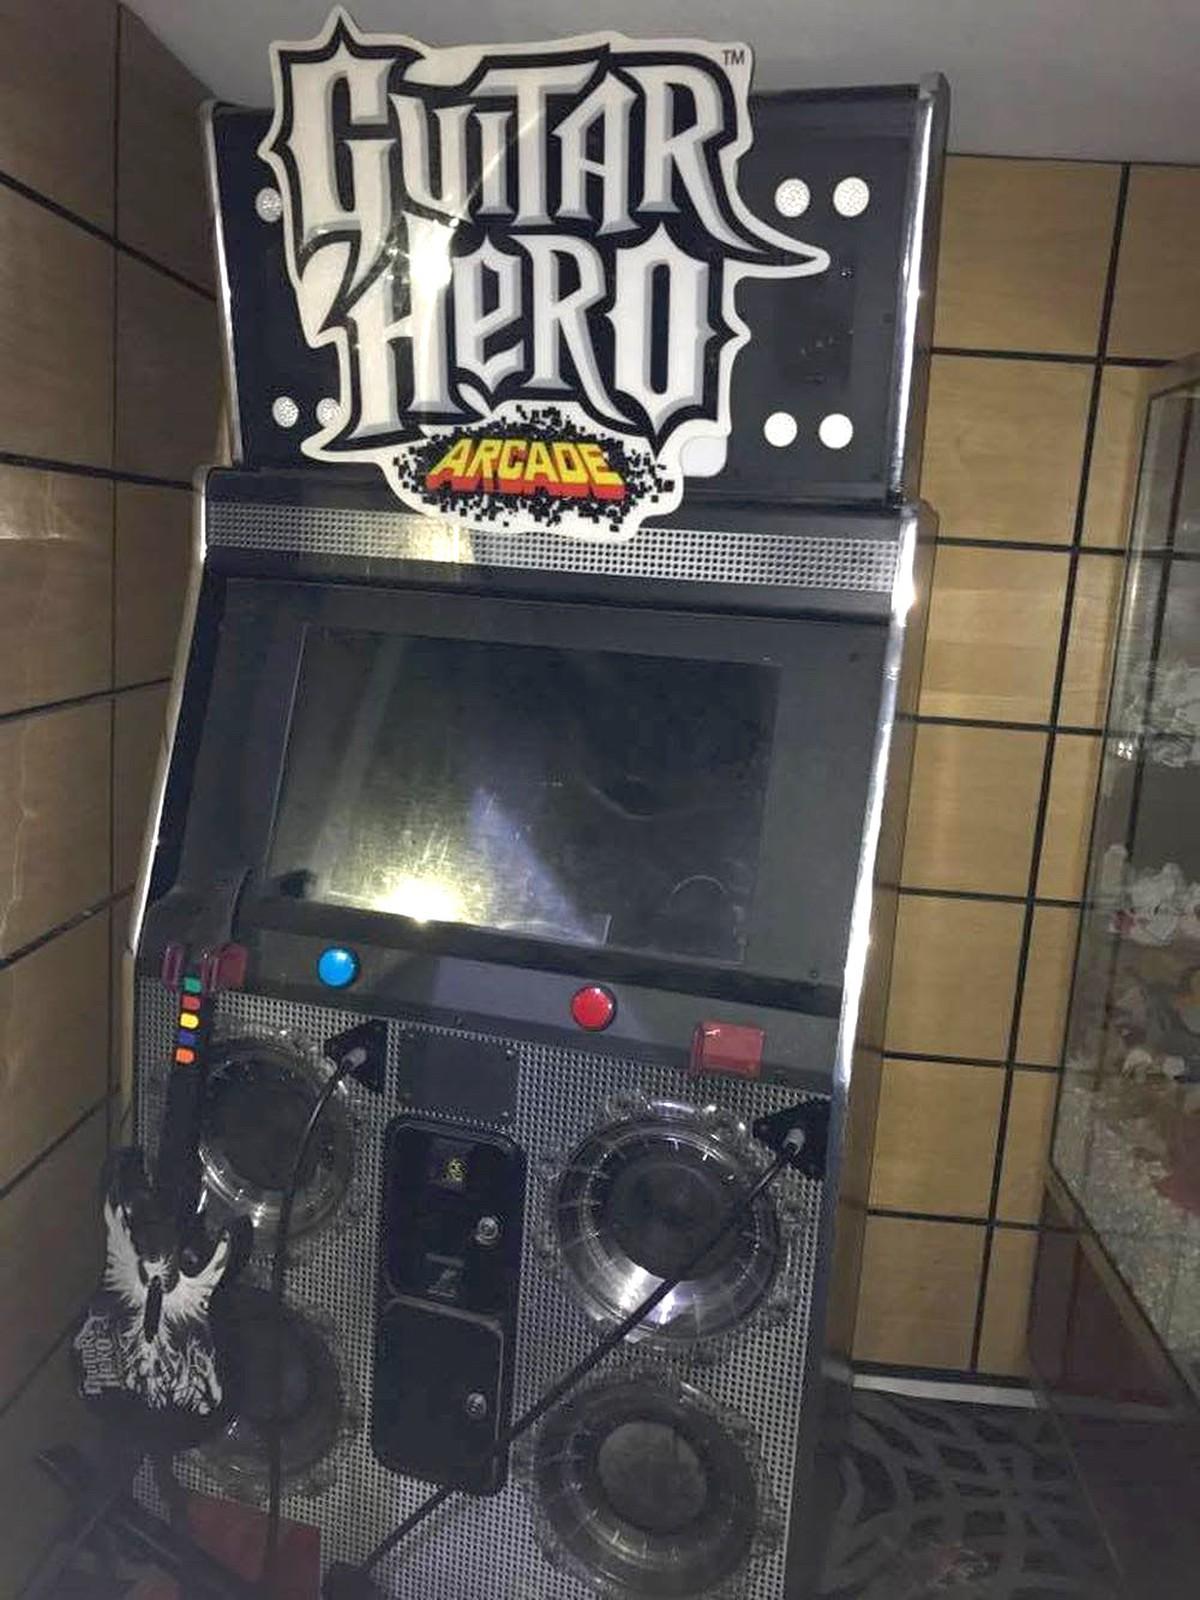 Secondhand Prop Shop Arcade Games Teddy Grabber